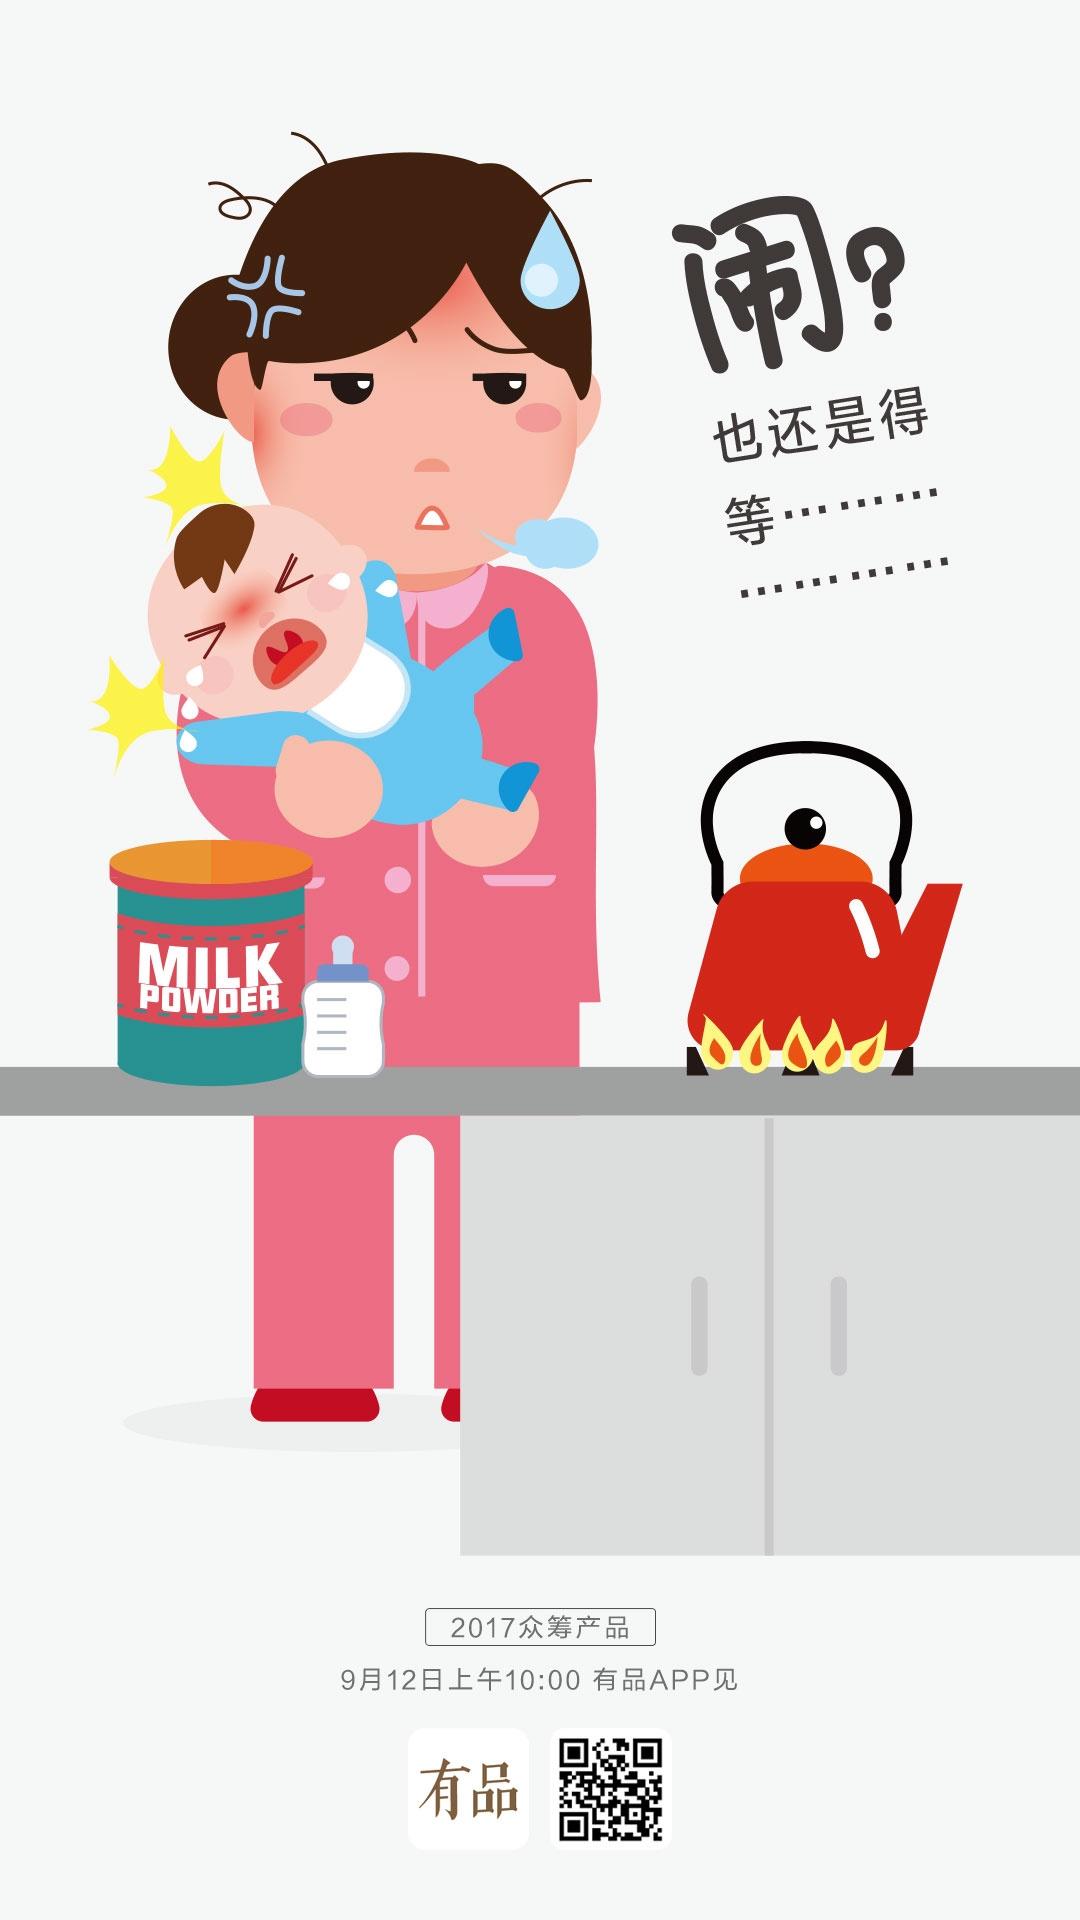 小米众筹新品曝光:新手妈妈好帮手